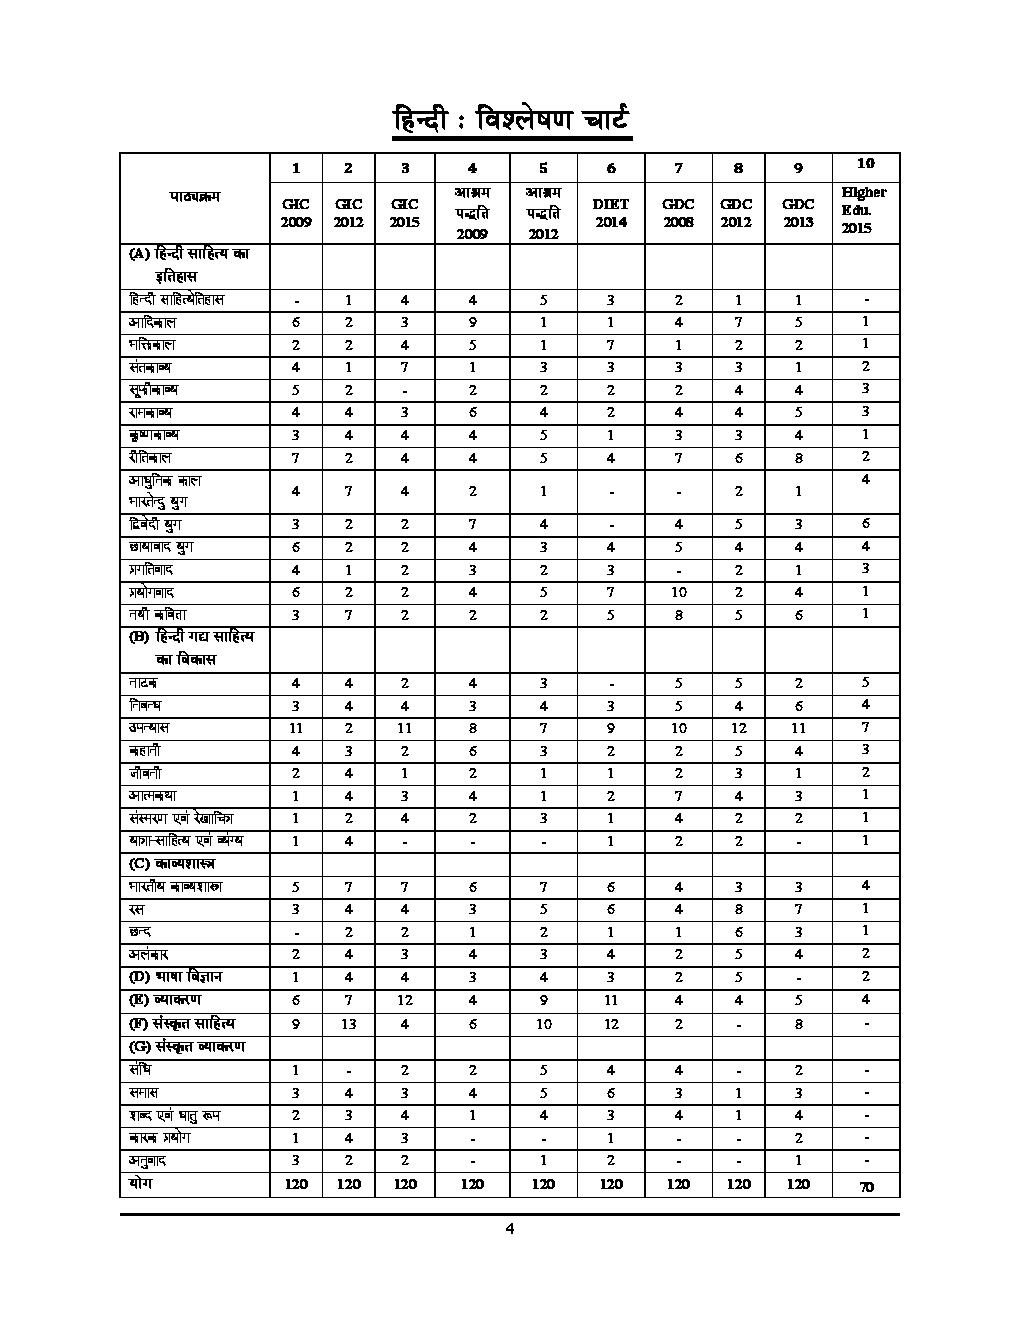 UPSC 2018 L.T.  ग्रेड शिक्षक भर्ती परीक्षा हिंदी साल्व्ड पेपर एवं प्रैक्टिस बुक - Page 5